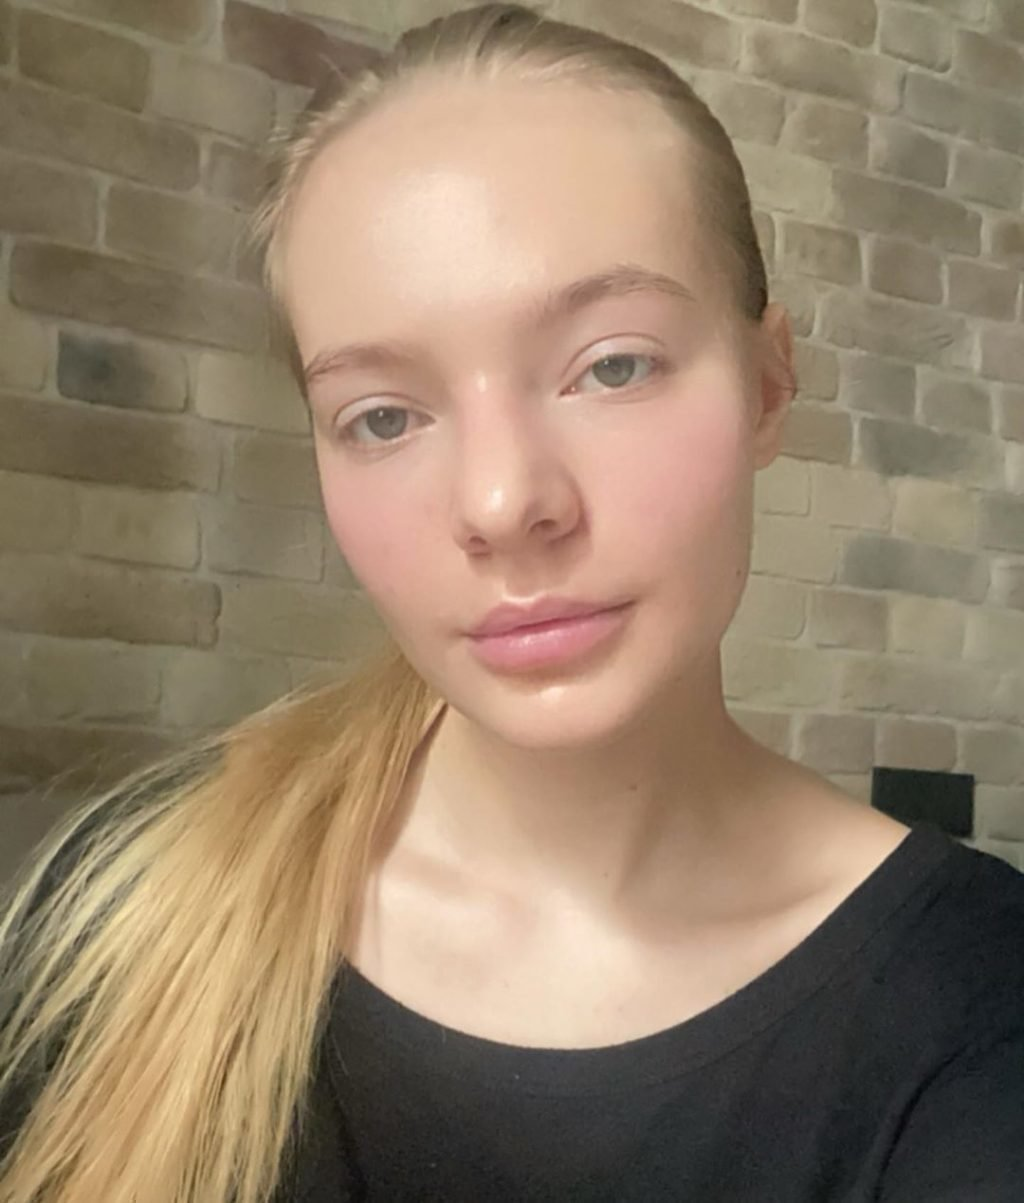 Лиза Пескова в студенческие годы